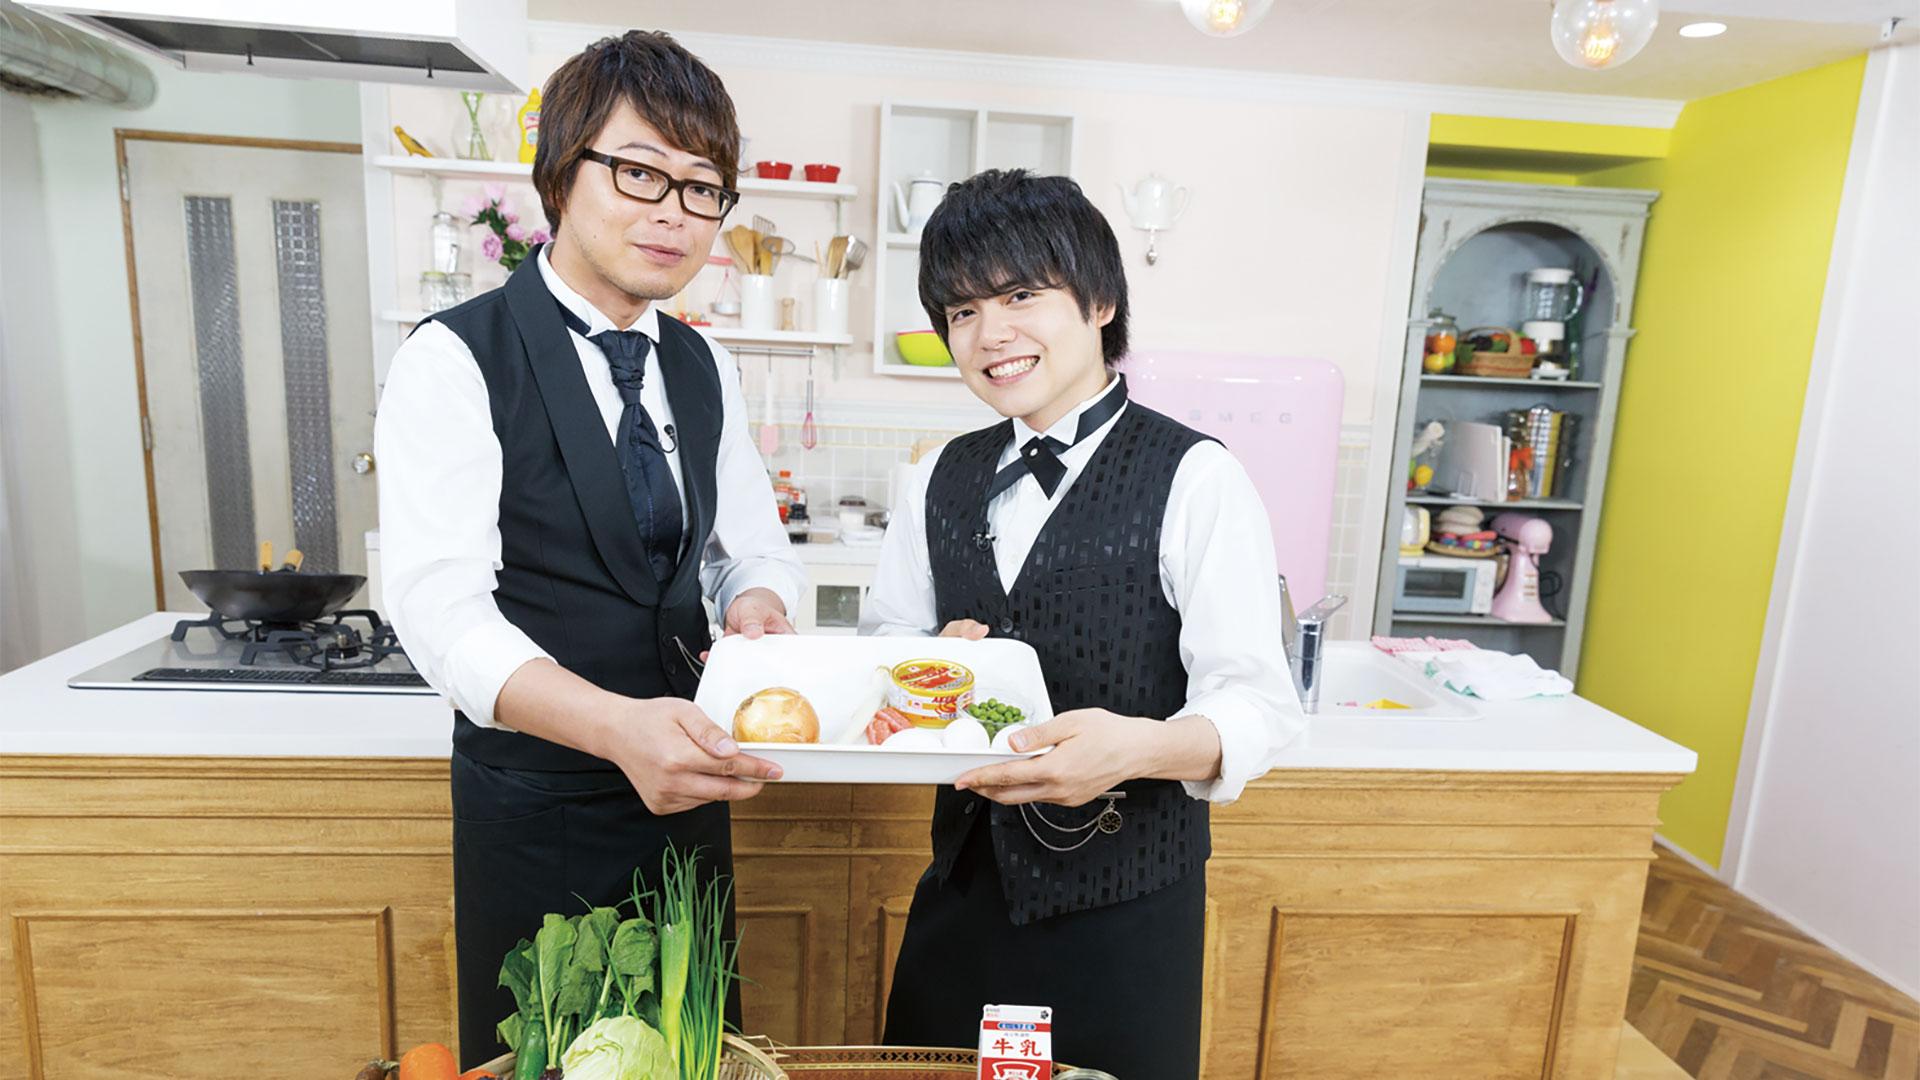 ときめきレシピ 執事レストランへようこそ ~興津和幸&内田雄馬~